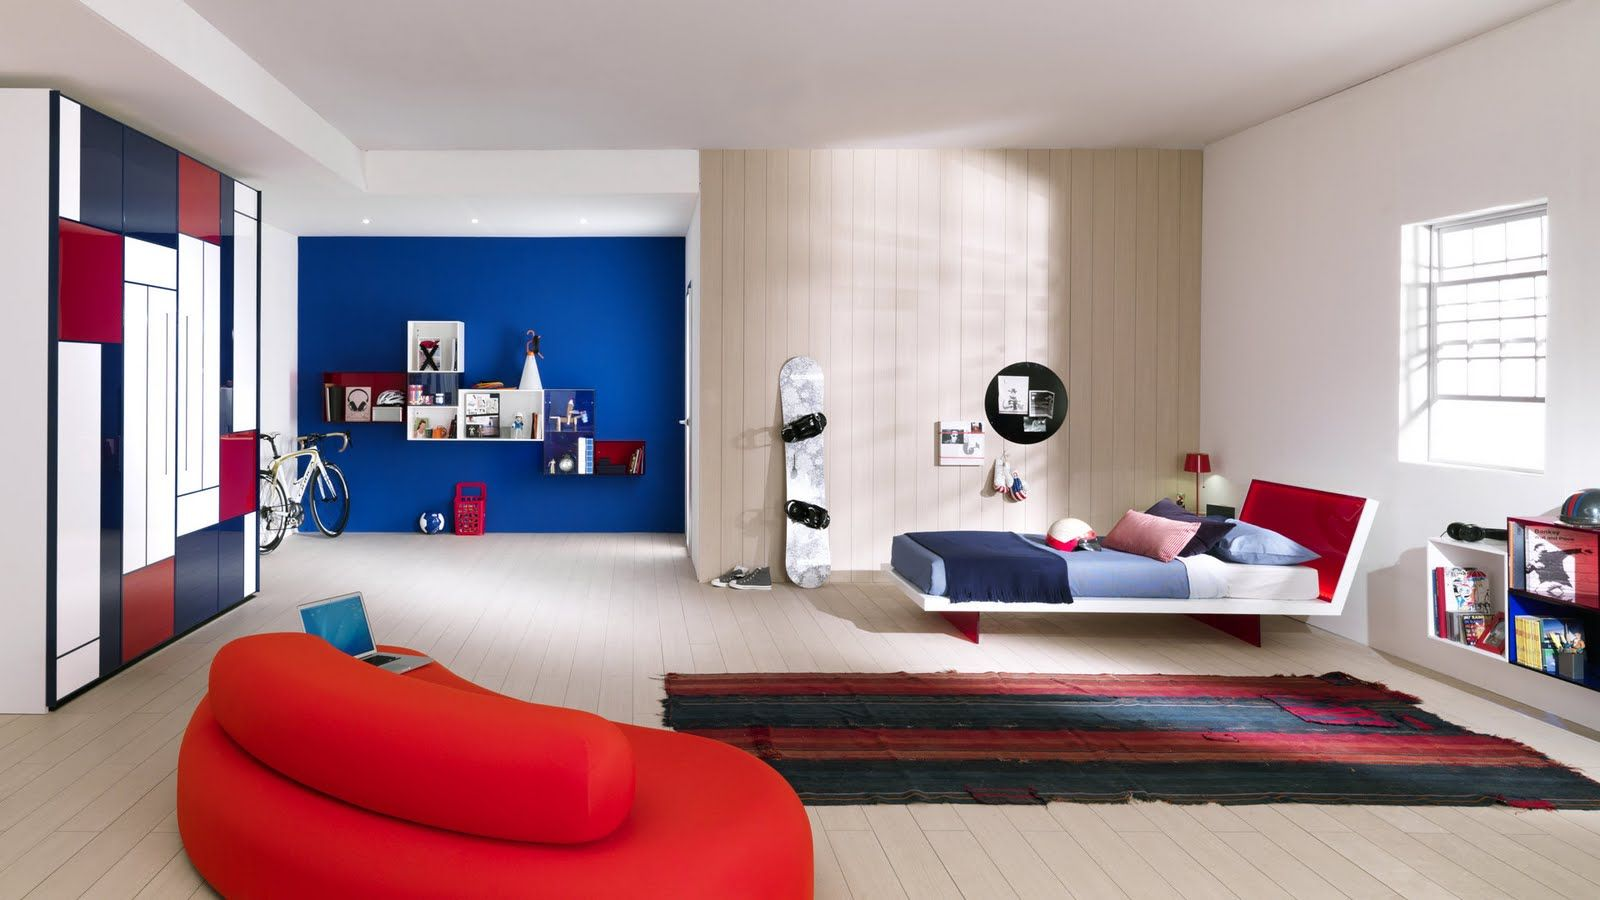 La decoraci n de las habitaciones juveniles puede ser - Habitaciones para jovenes ...